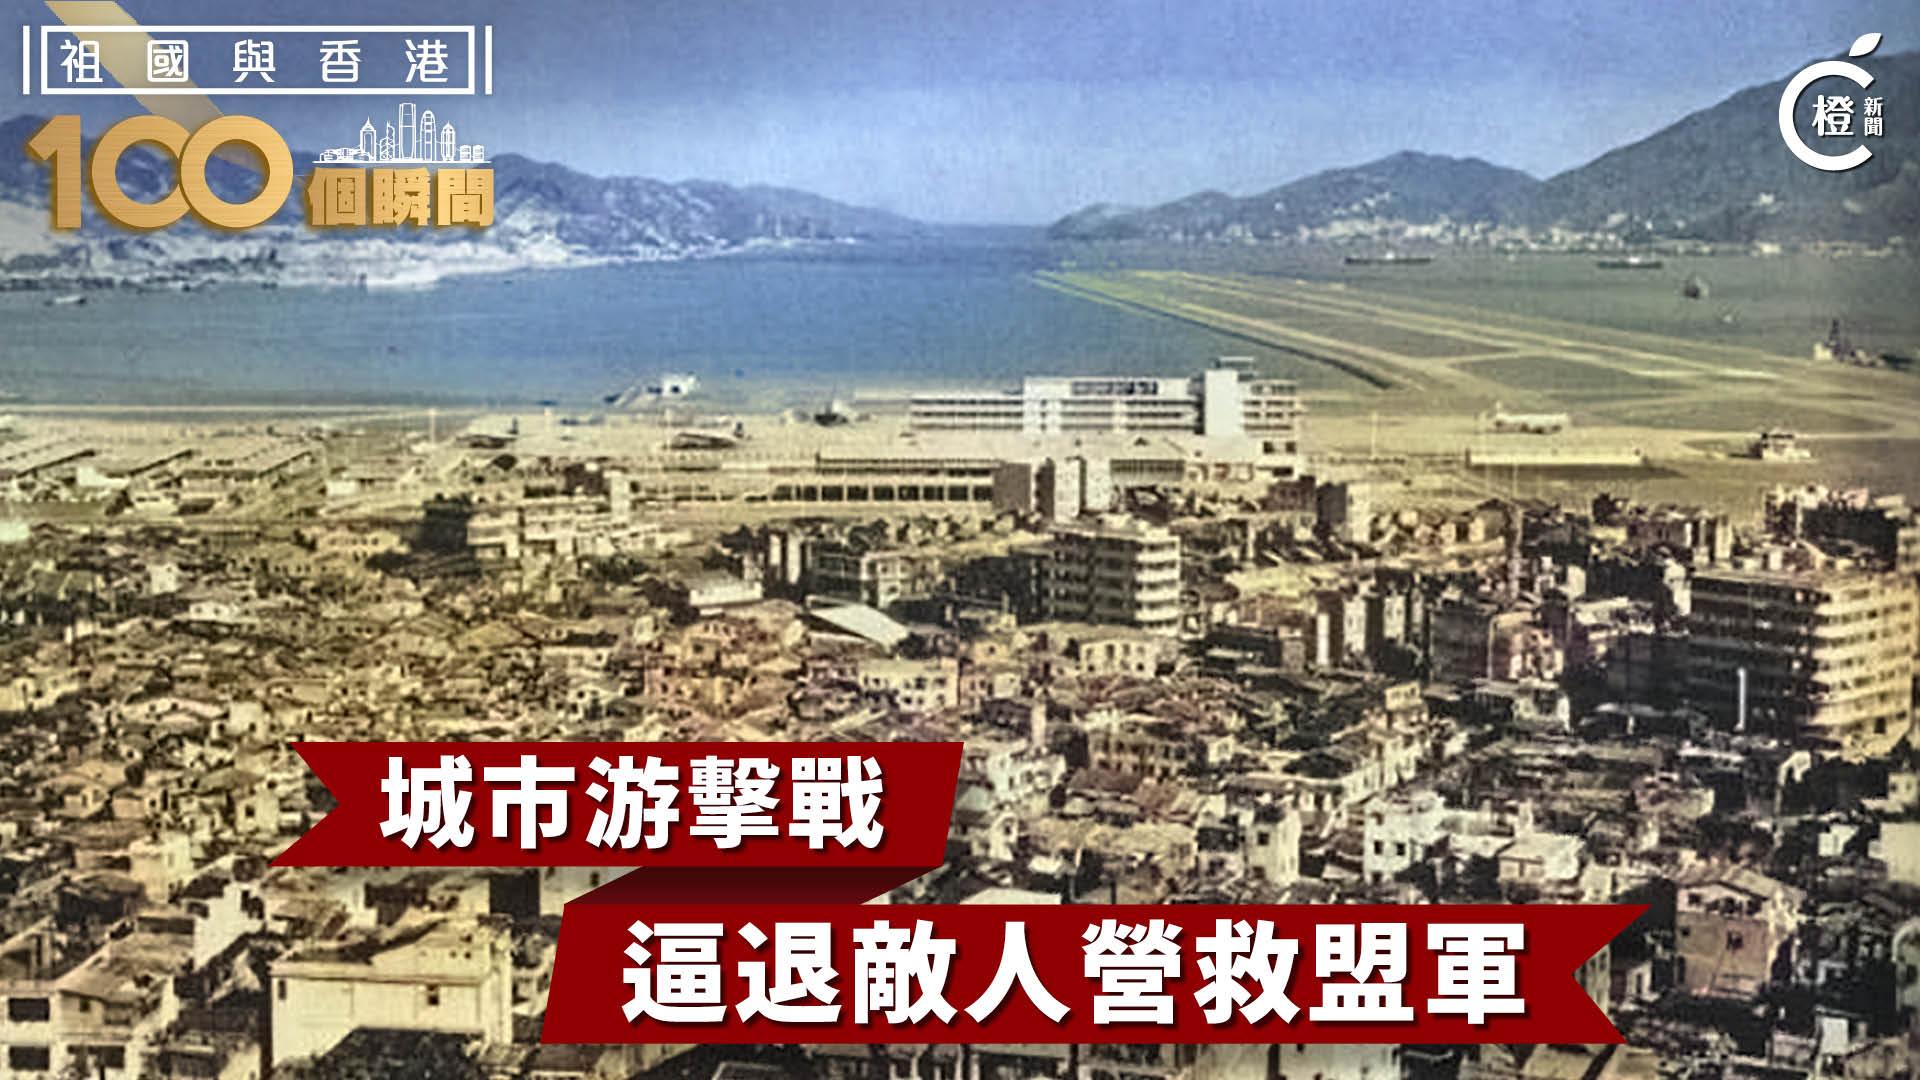 【祖國與香港100個瞬間】港九大隊發動城市游擊戰 營救大批盟軍